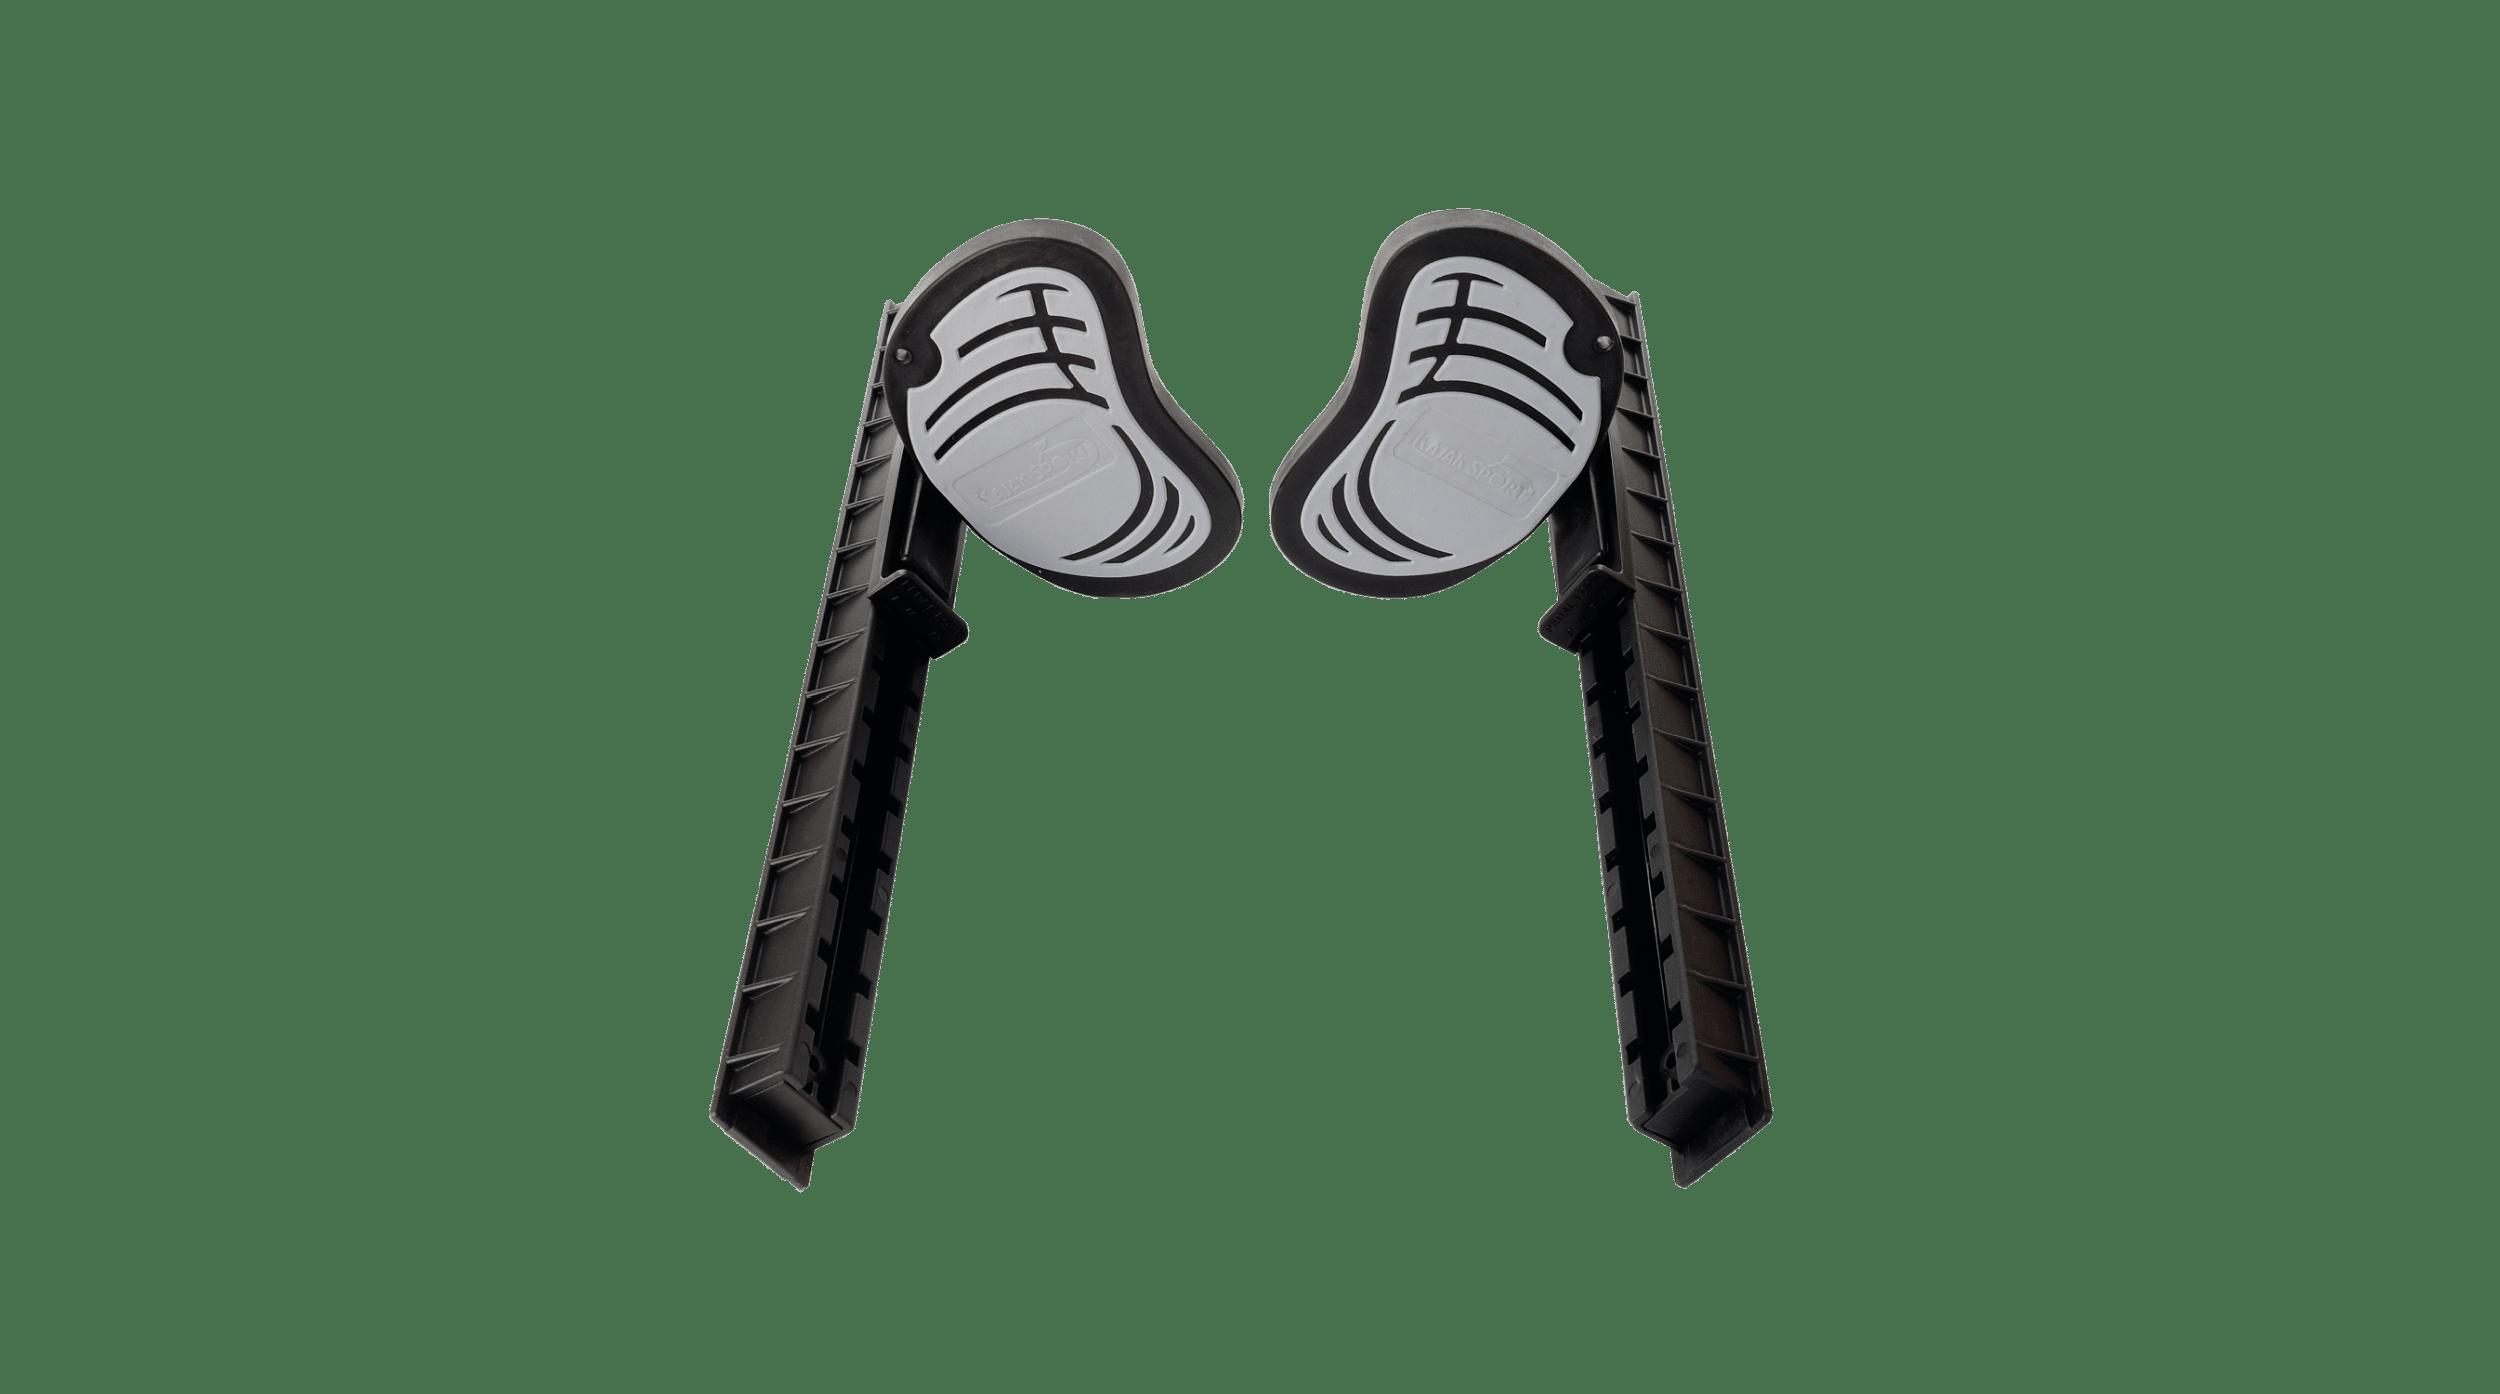 KS Flex joint steering system S